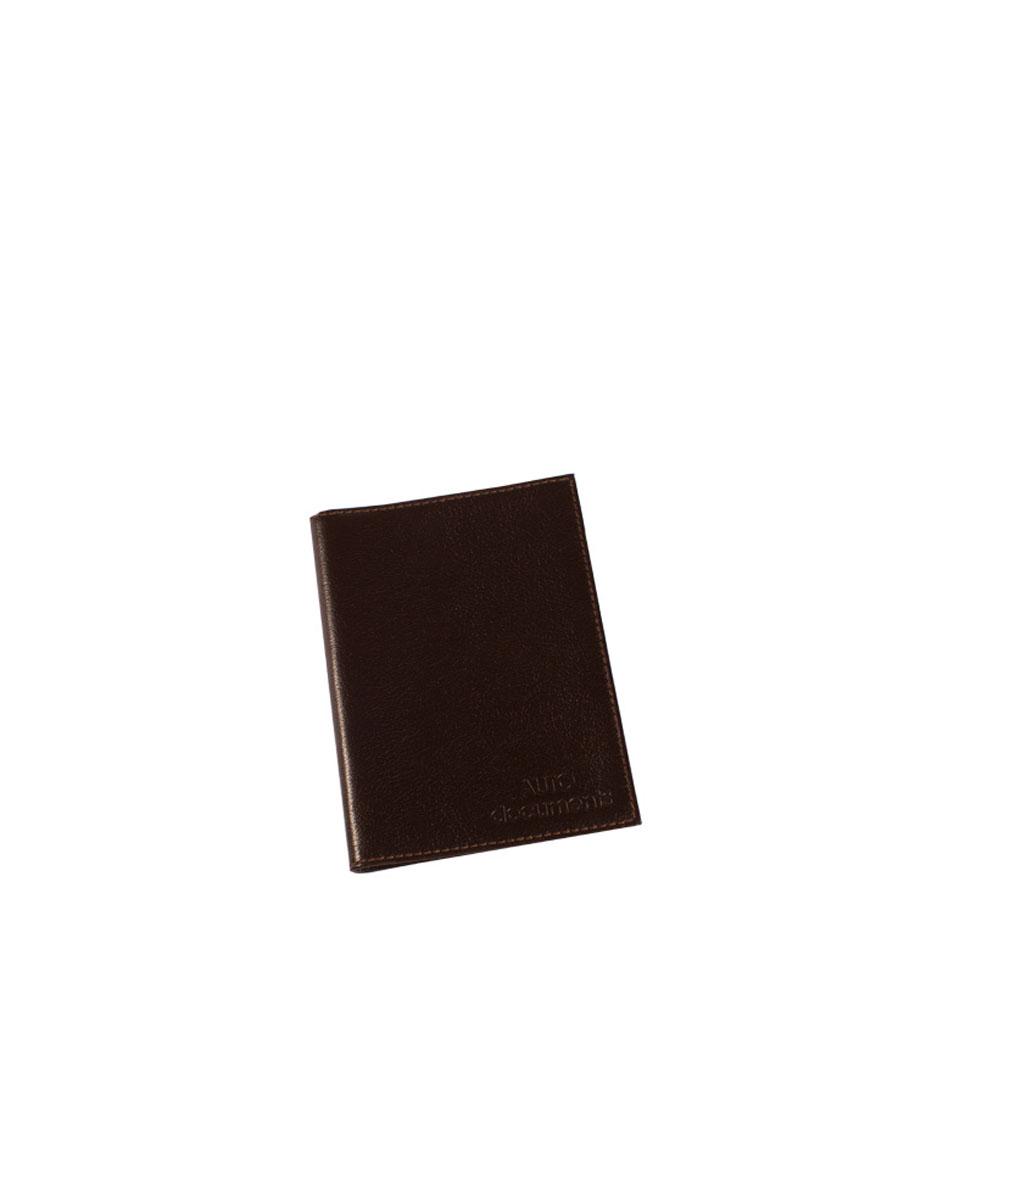 Бумажник водителя мужской Befler Грейд, цвет: темно-коричневый. BV.1.-9BV.1.-9Бумажник водителя Befler выполнен из натуральной кожи. На внутреннем развороте расположено 2 кармана из прозрачного пластика. Внутренний блок из прозрачного пластика для документов водителя состоит из 6 файлов.